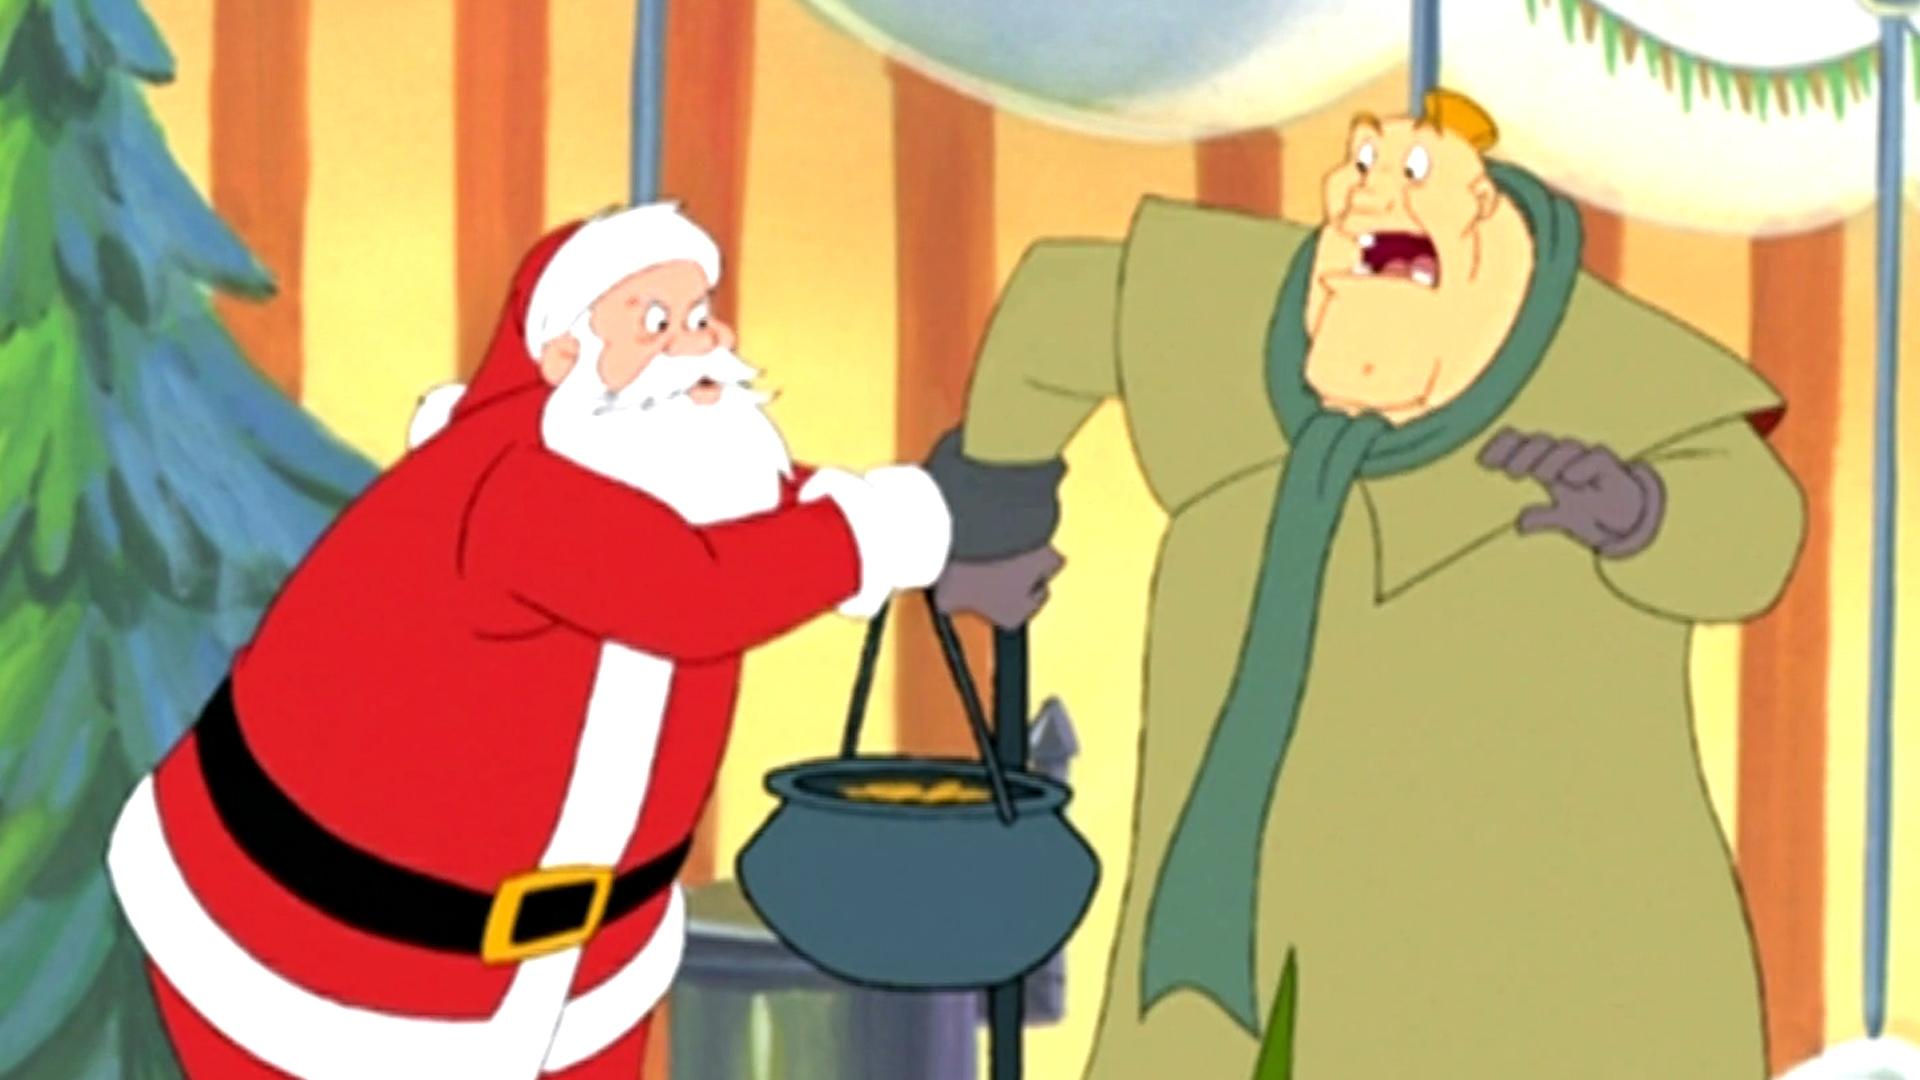 Temporada 1 Capítulo 4: Las navidades de Pippi